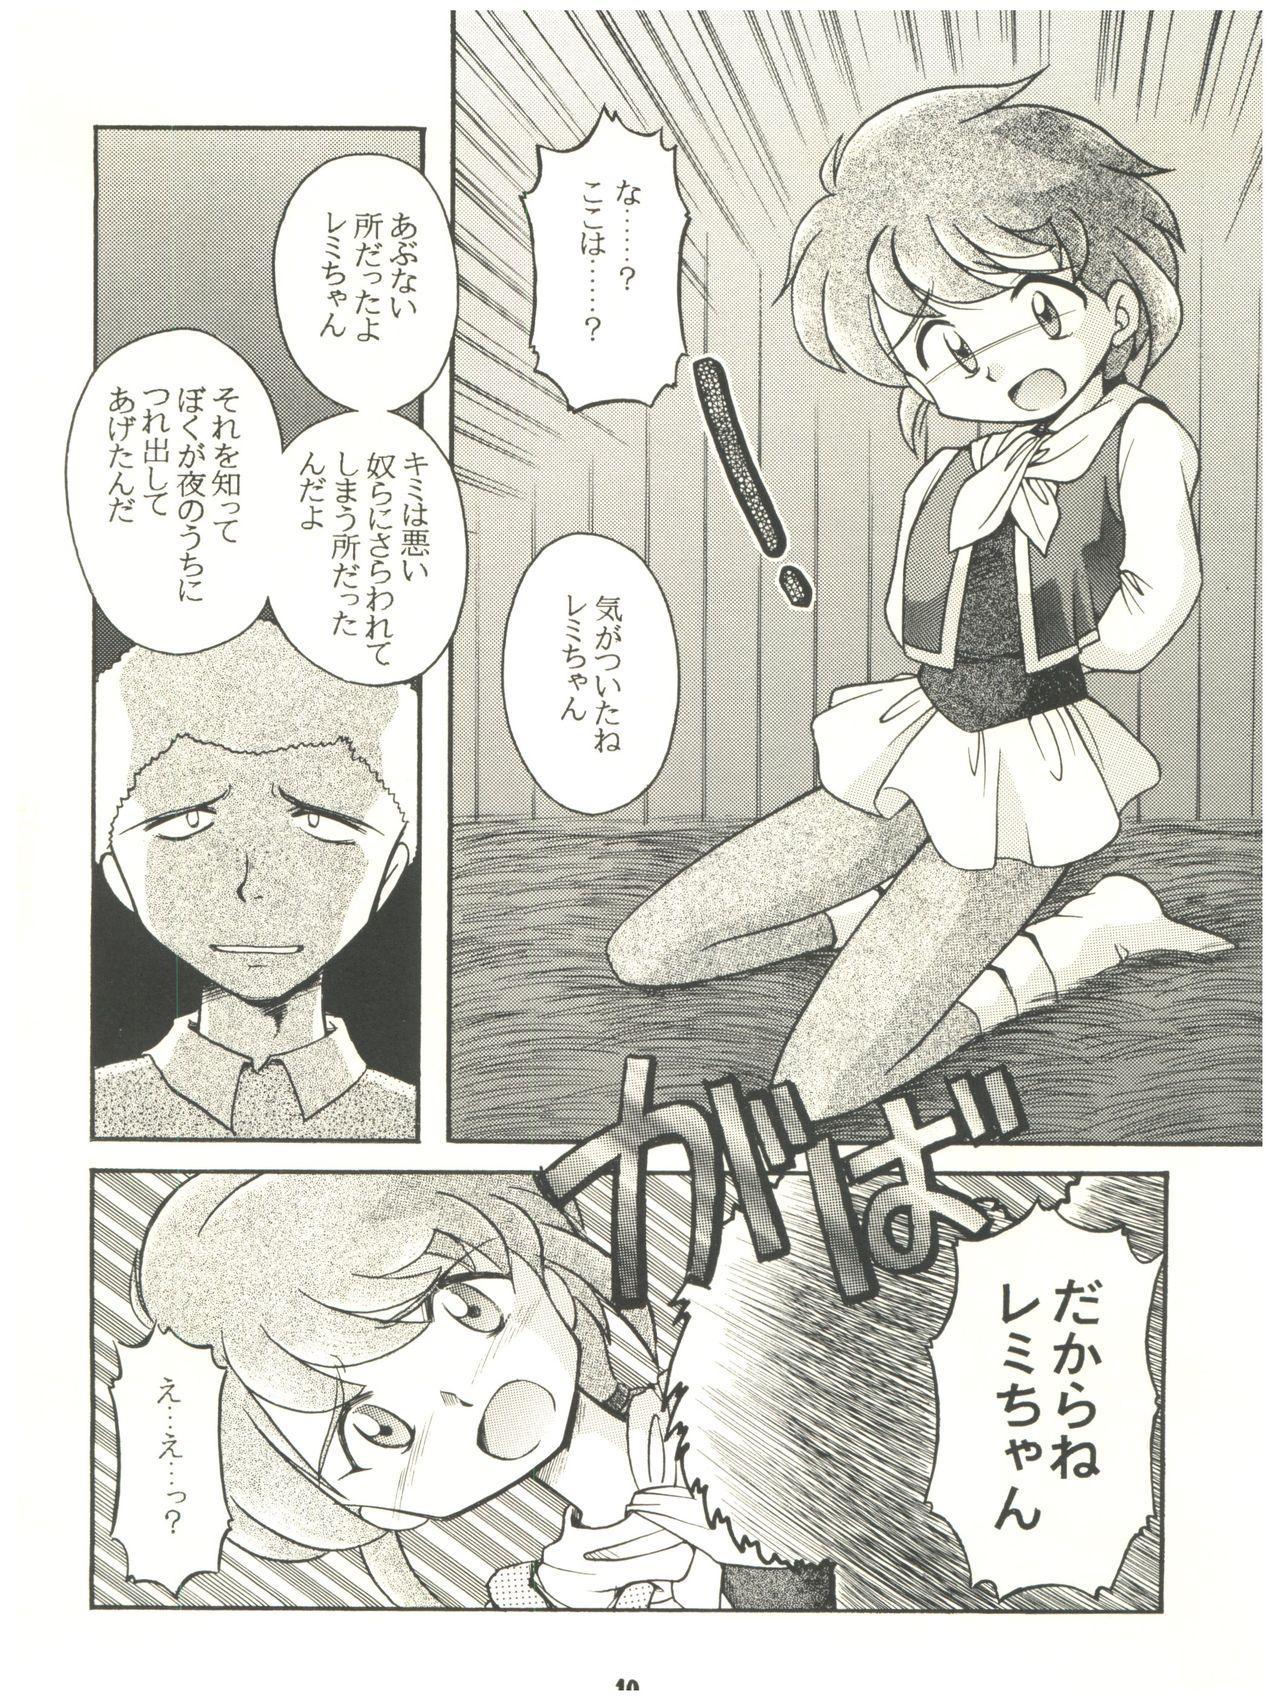 [Sairo Publishing (J. Sairo) En-Jack 2 (Various) 9